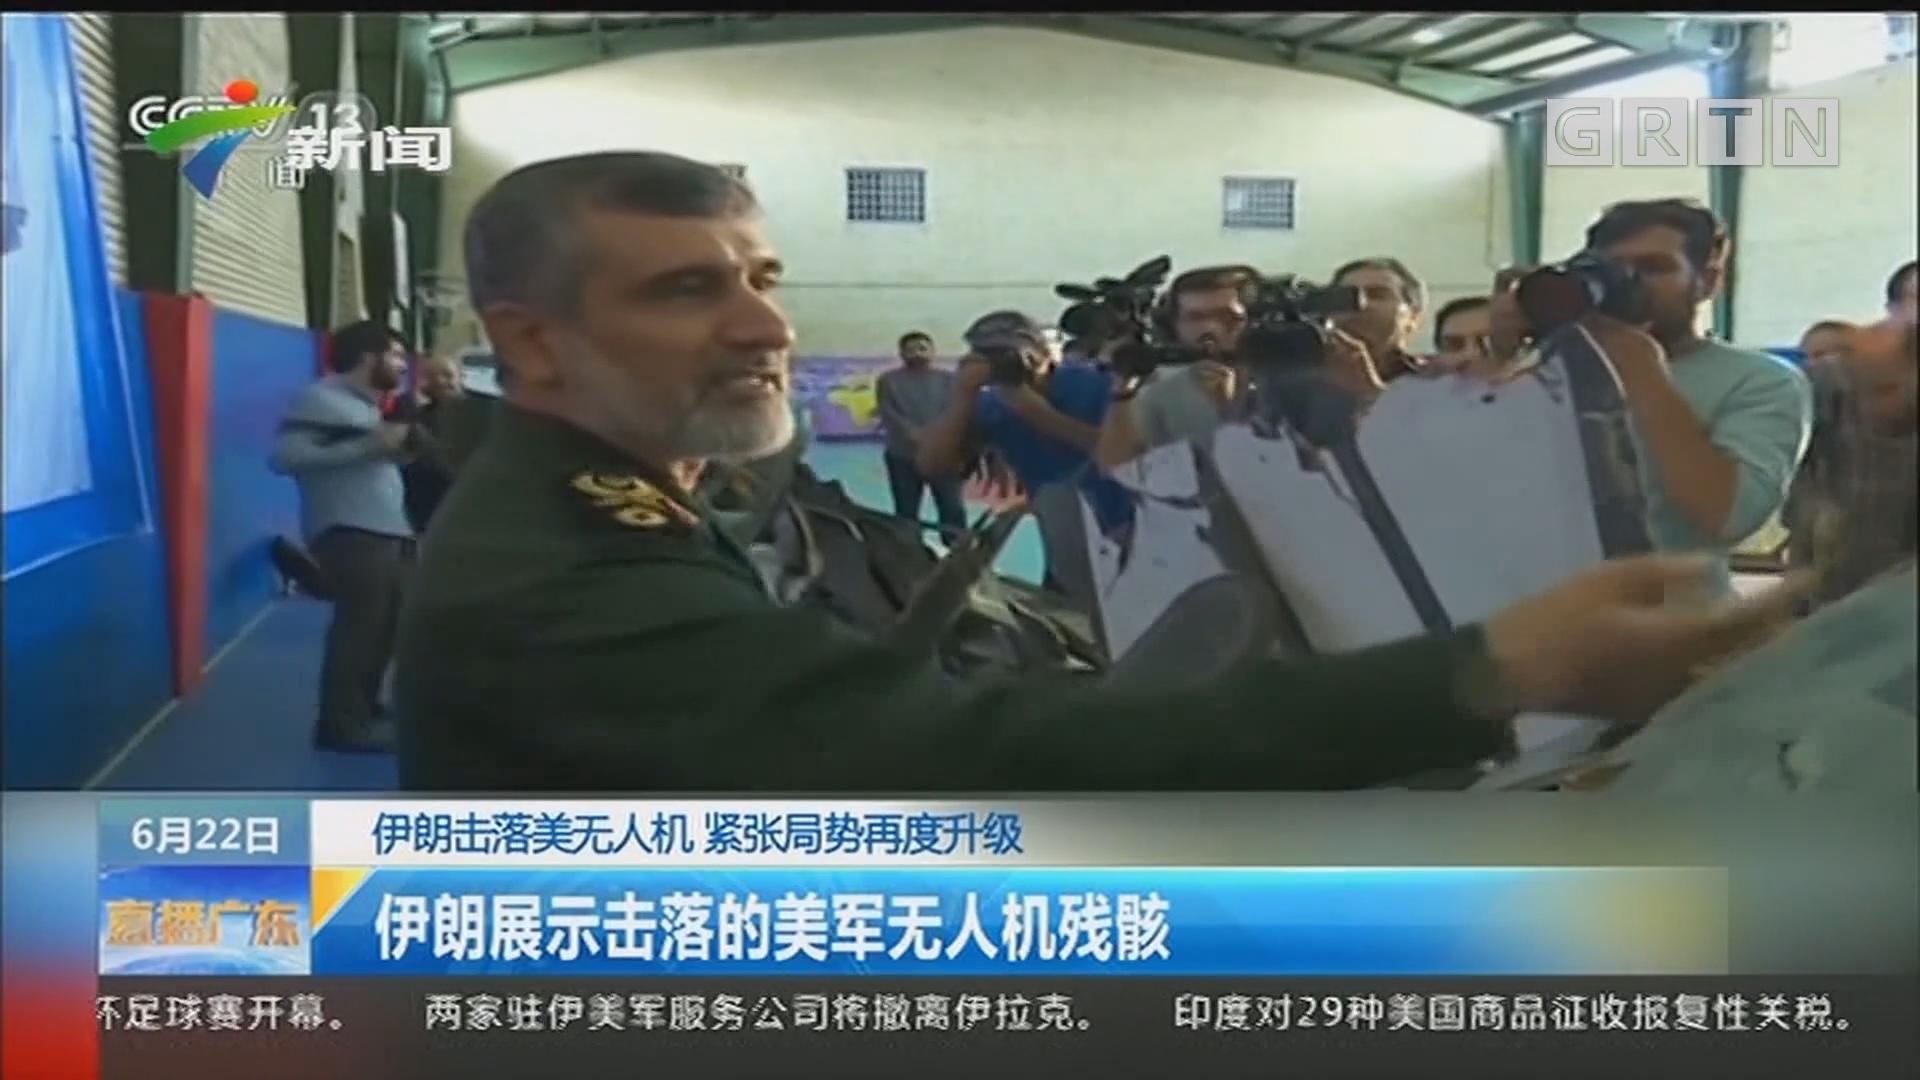 伊朗击落美无人机 紧张局势再度升级:伊朗展示击落的美军无人机残骸